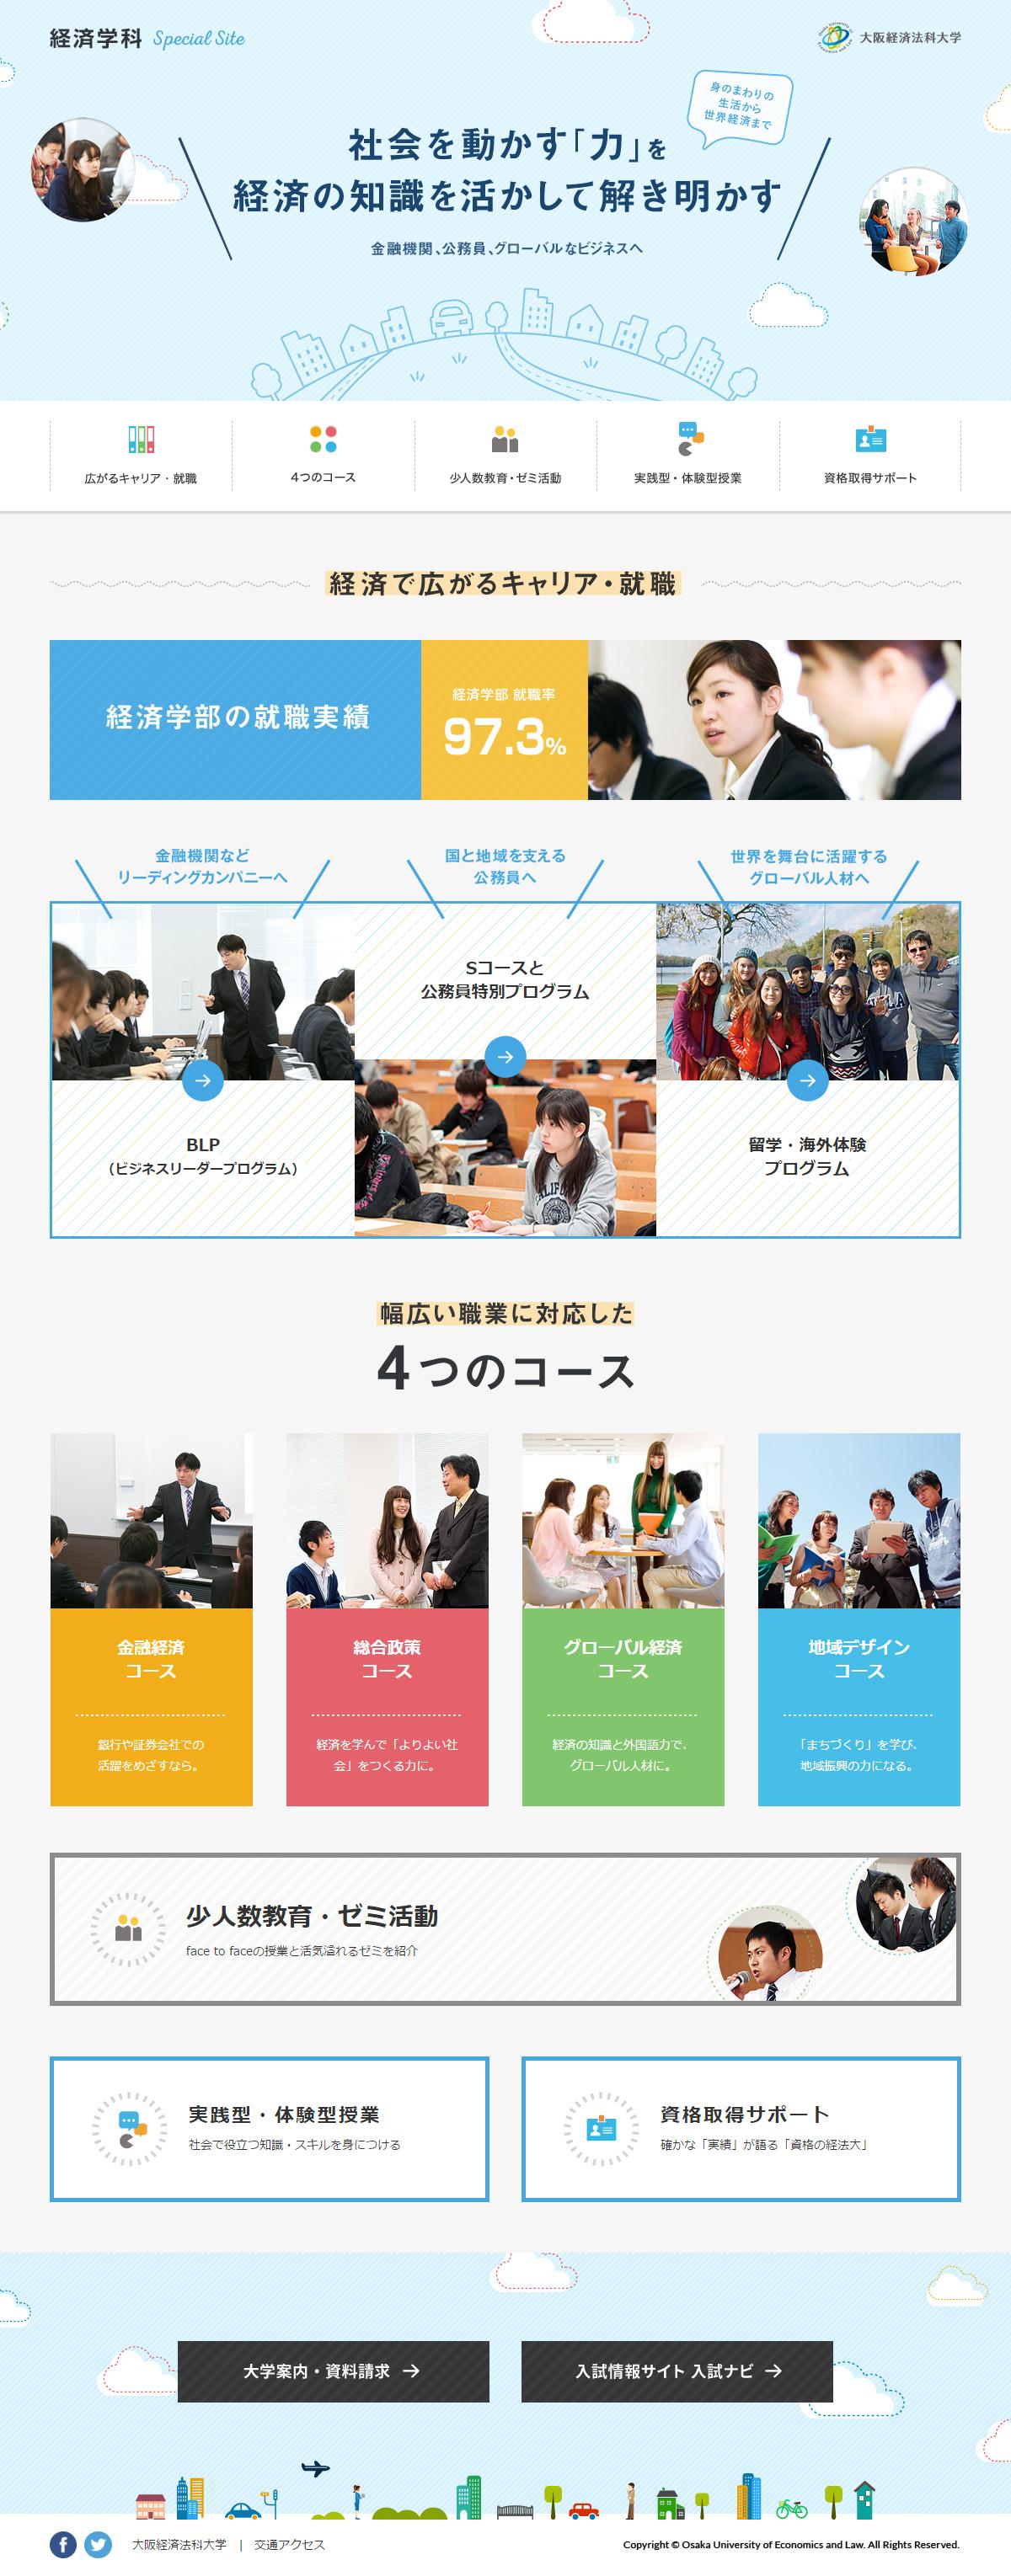 経済学科 大阪経済法科大学